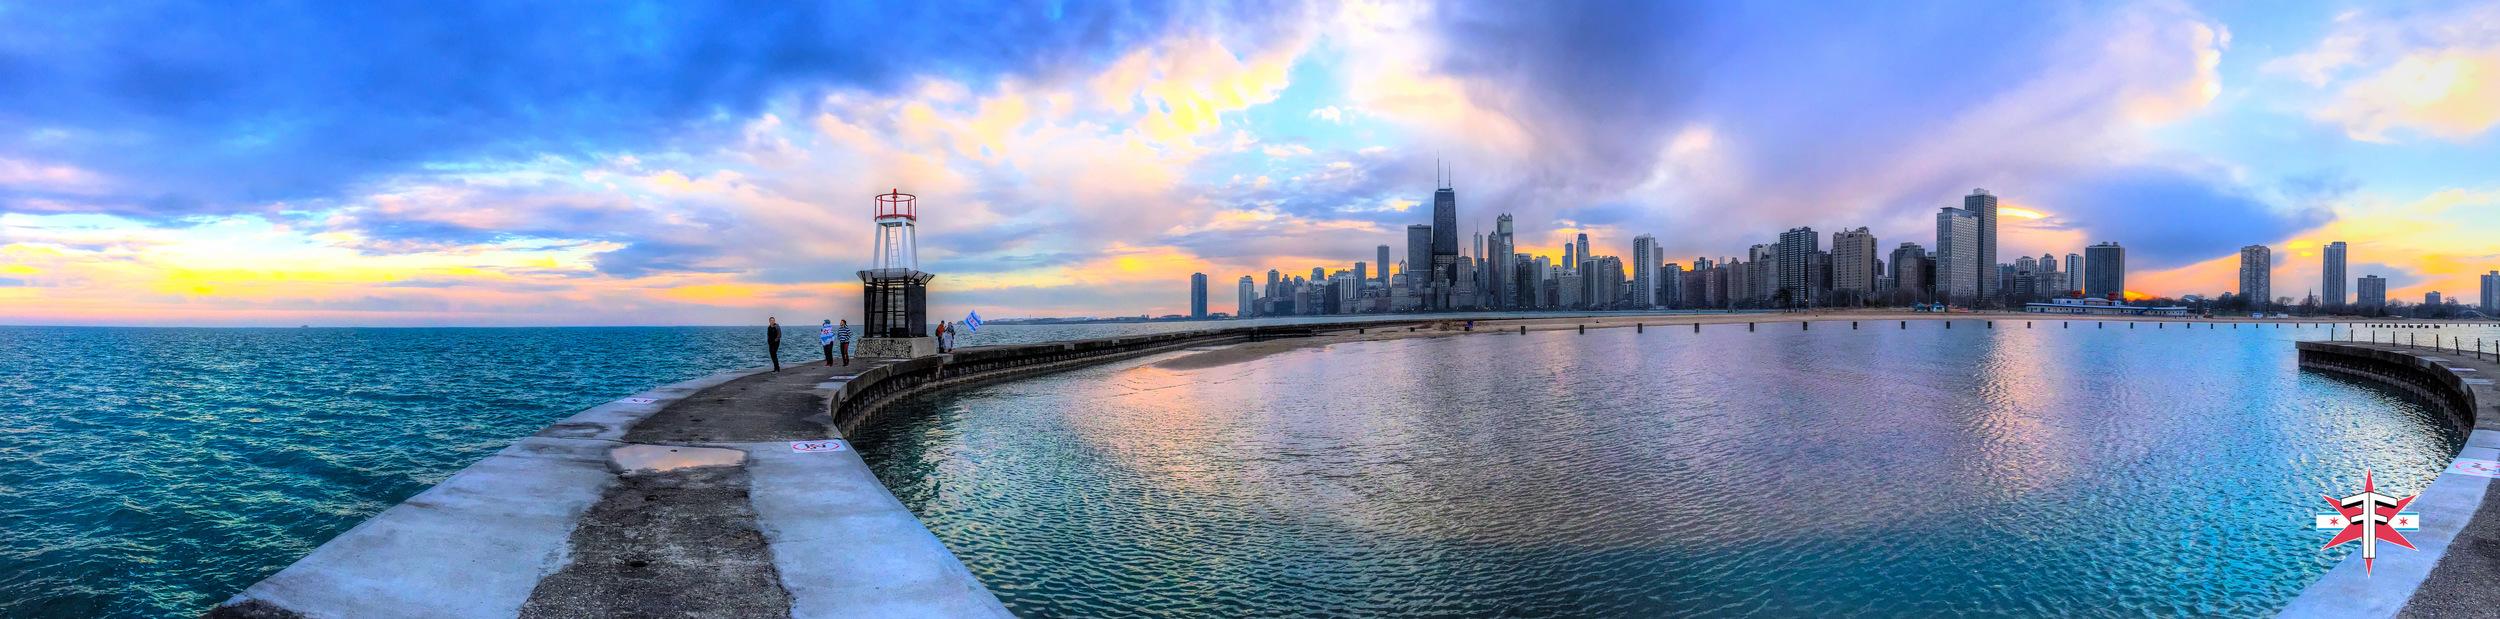 chicago art architecture eric formato photography design arquitectura architettura buildings skyscraper skyscrapers-281.jpg